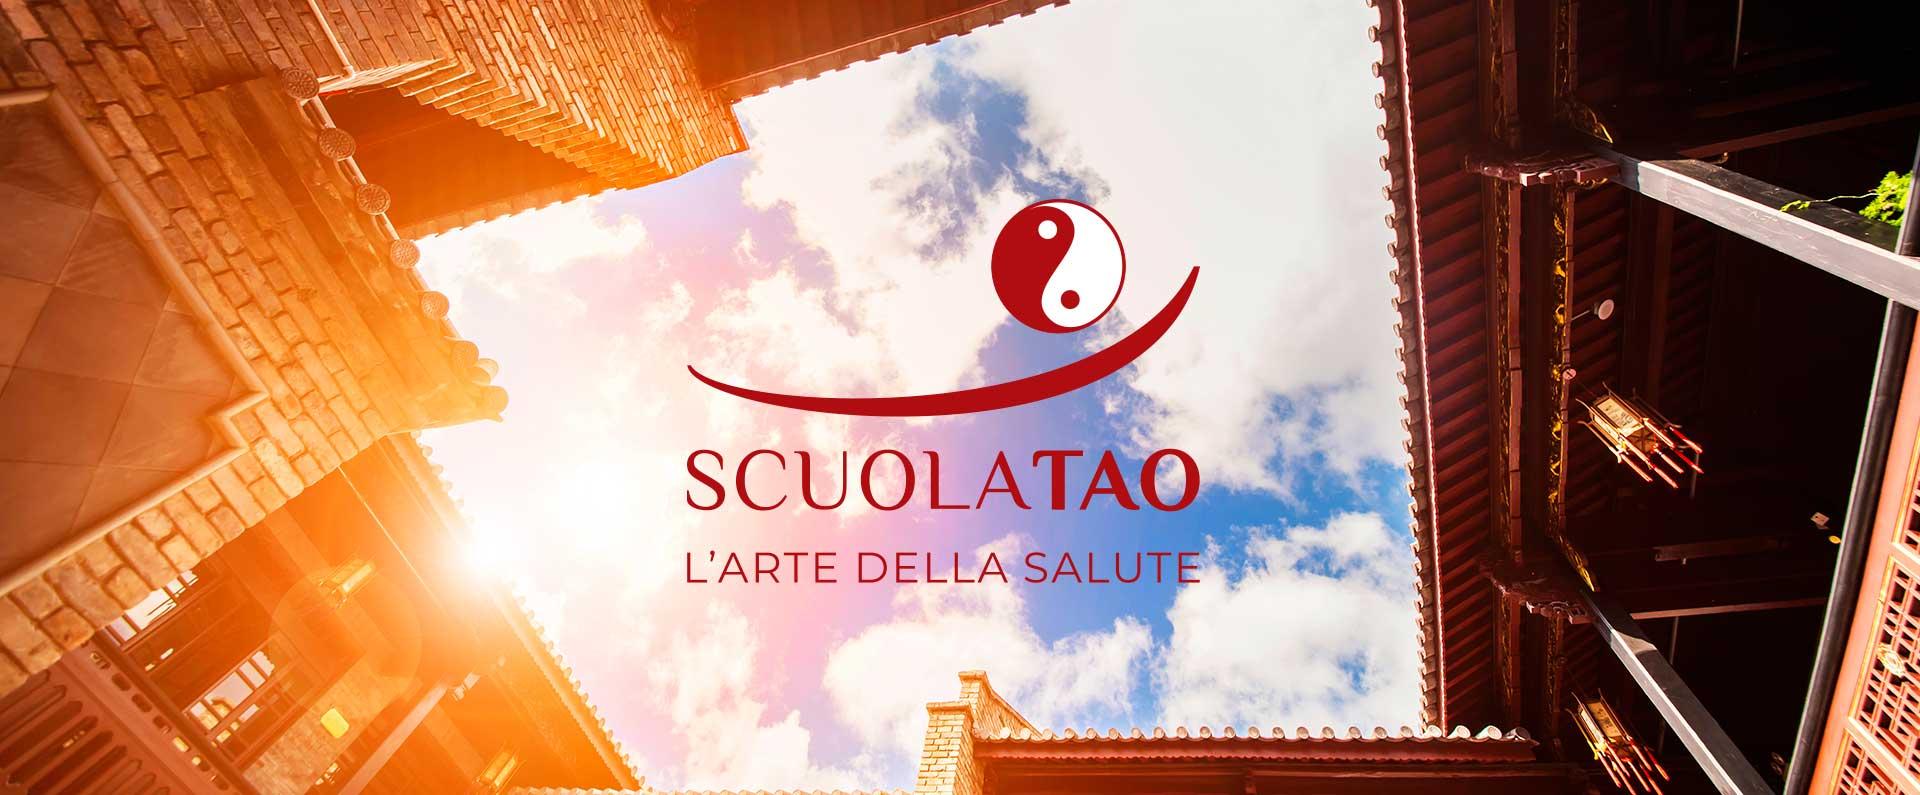 presentazione nuovo logo scuolatao